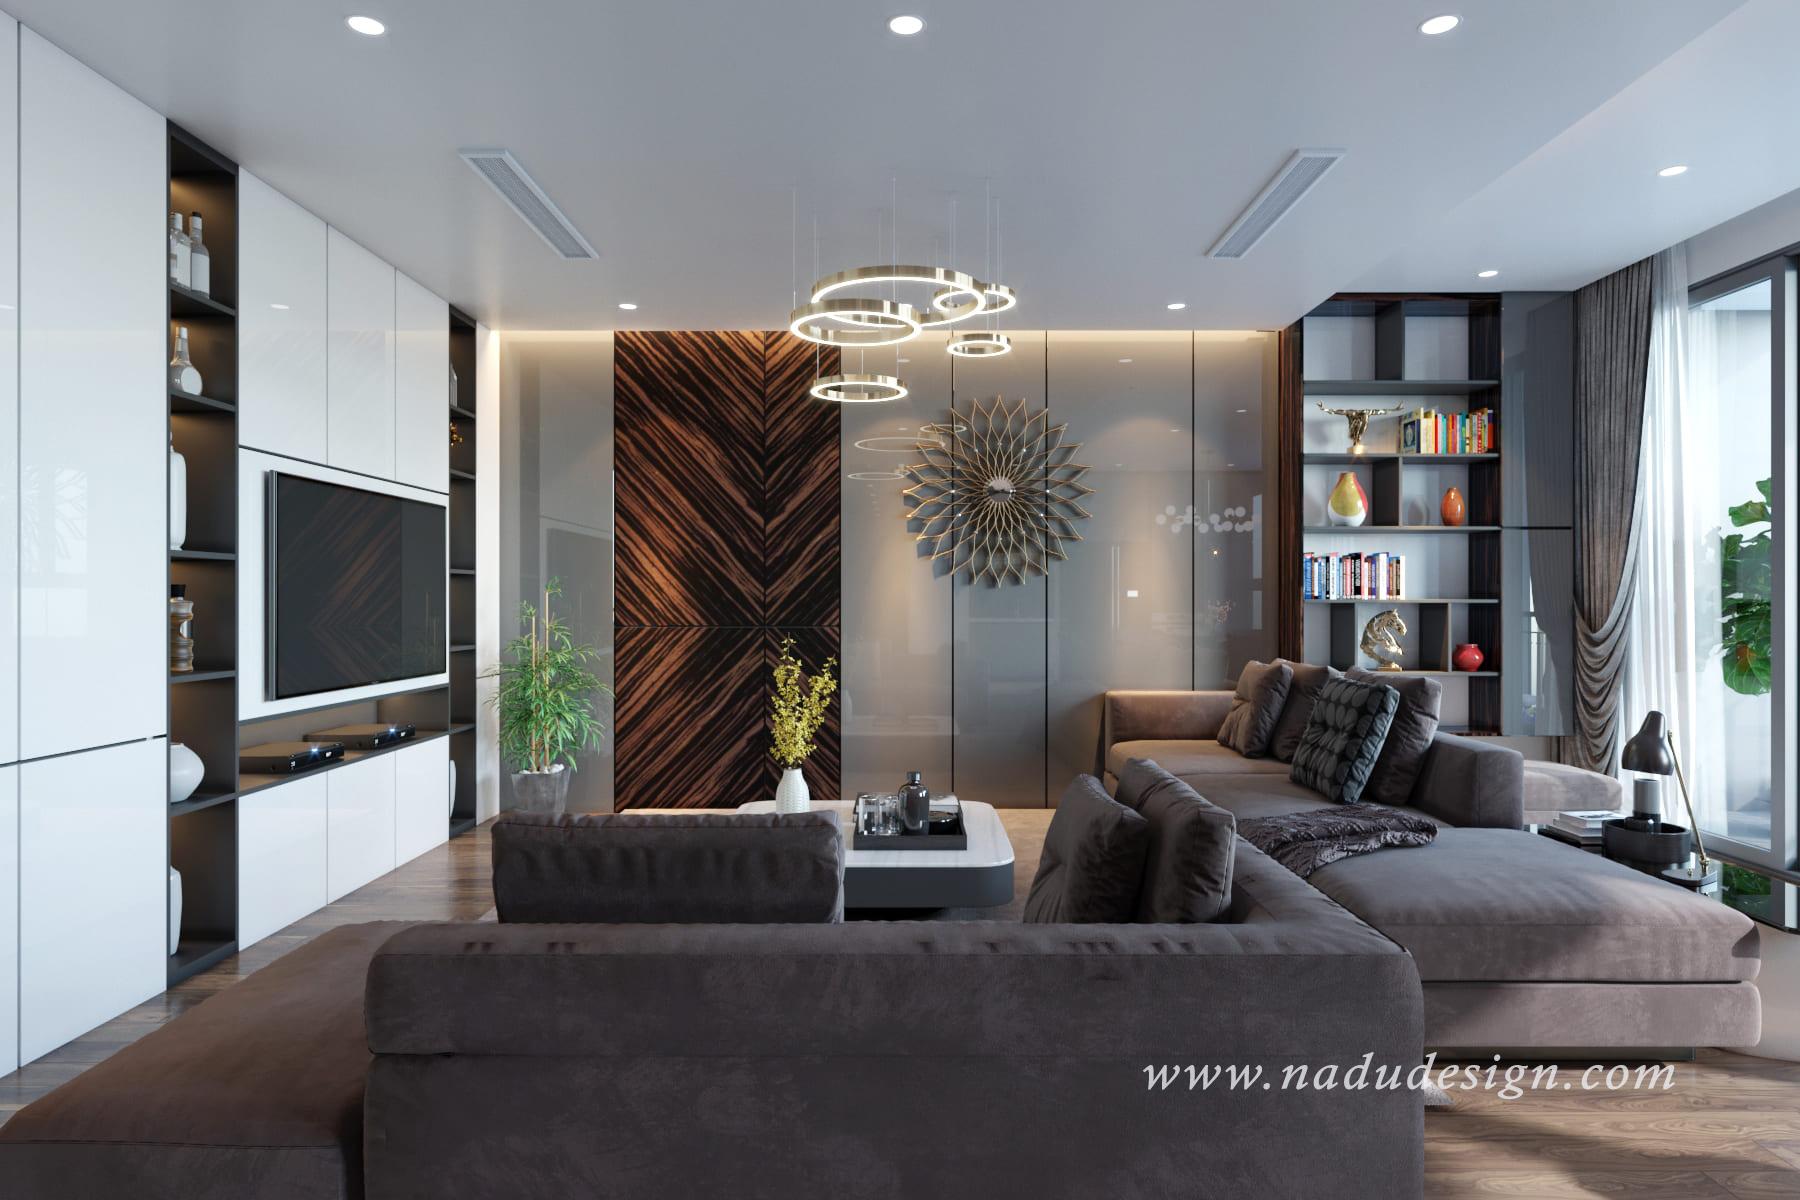 Thiết kế nội thất chung cư CT8 với tone ghi cá tính